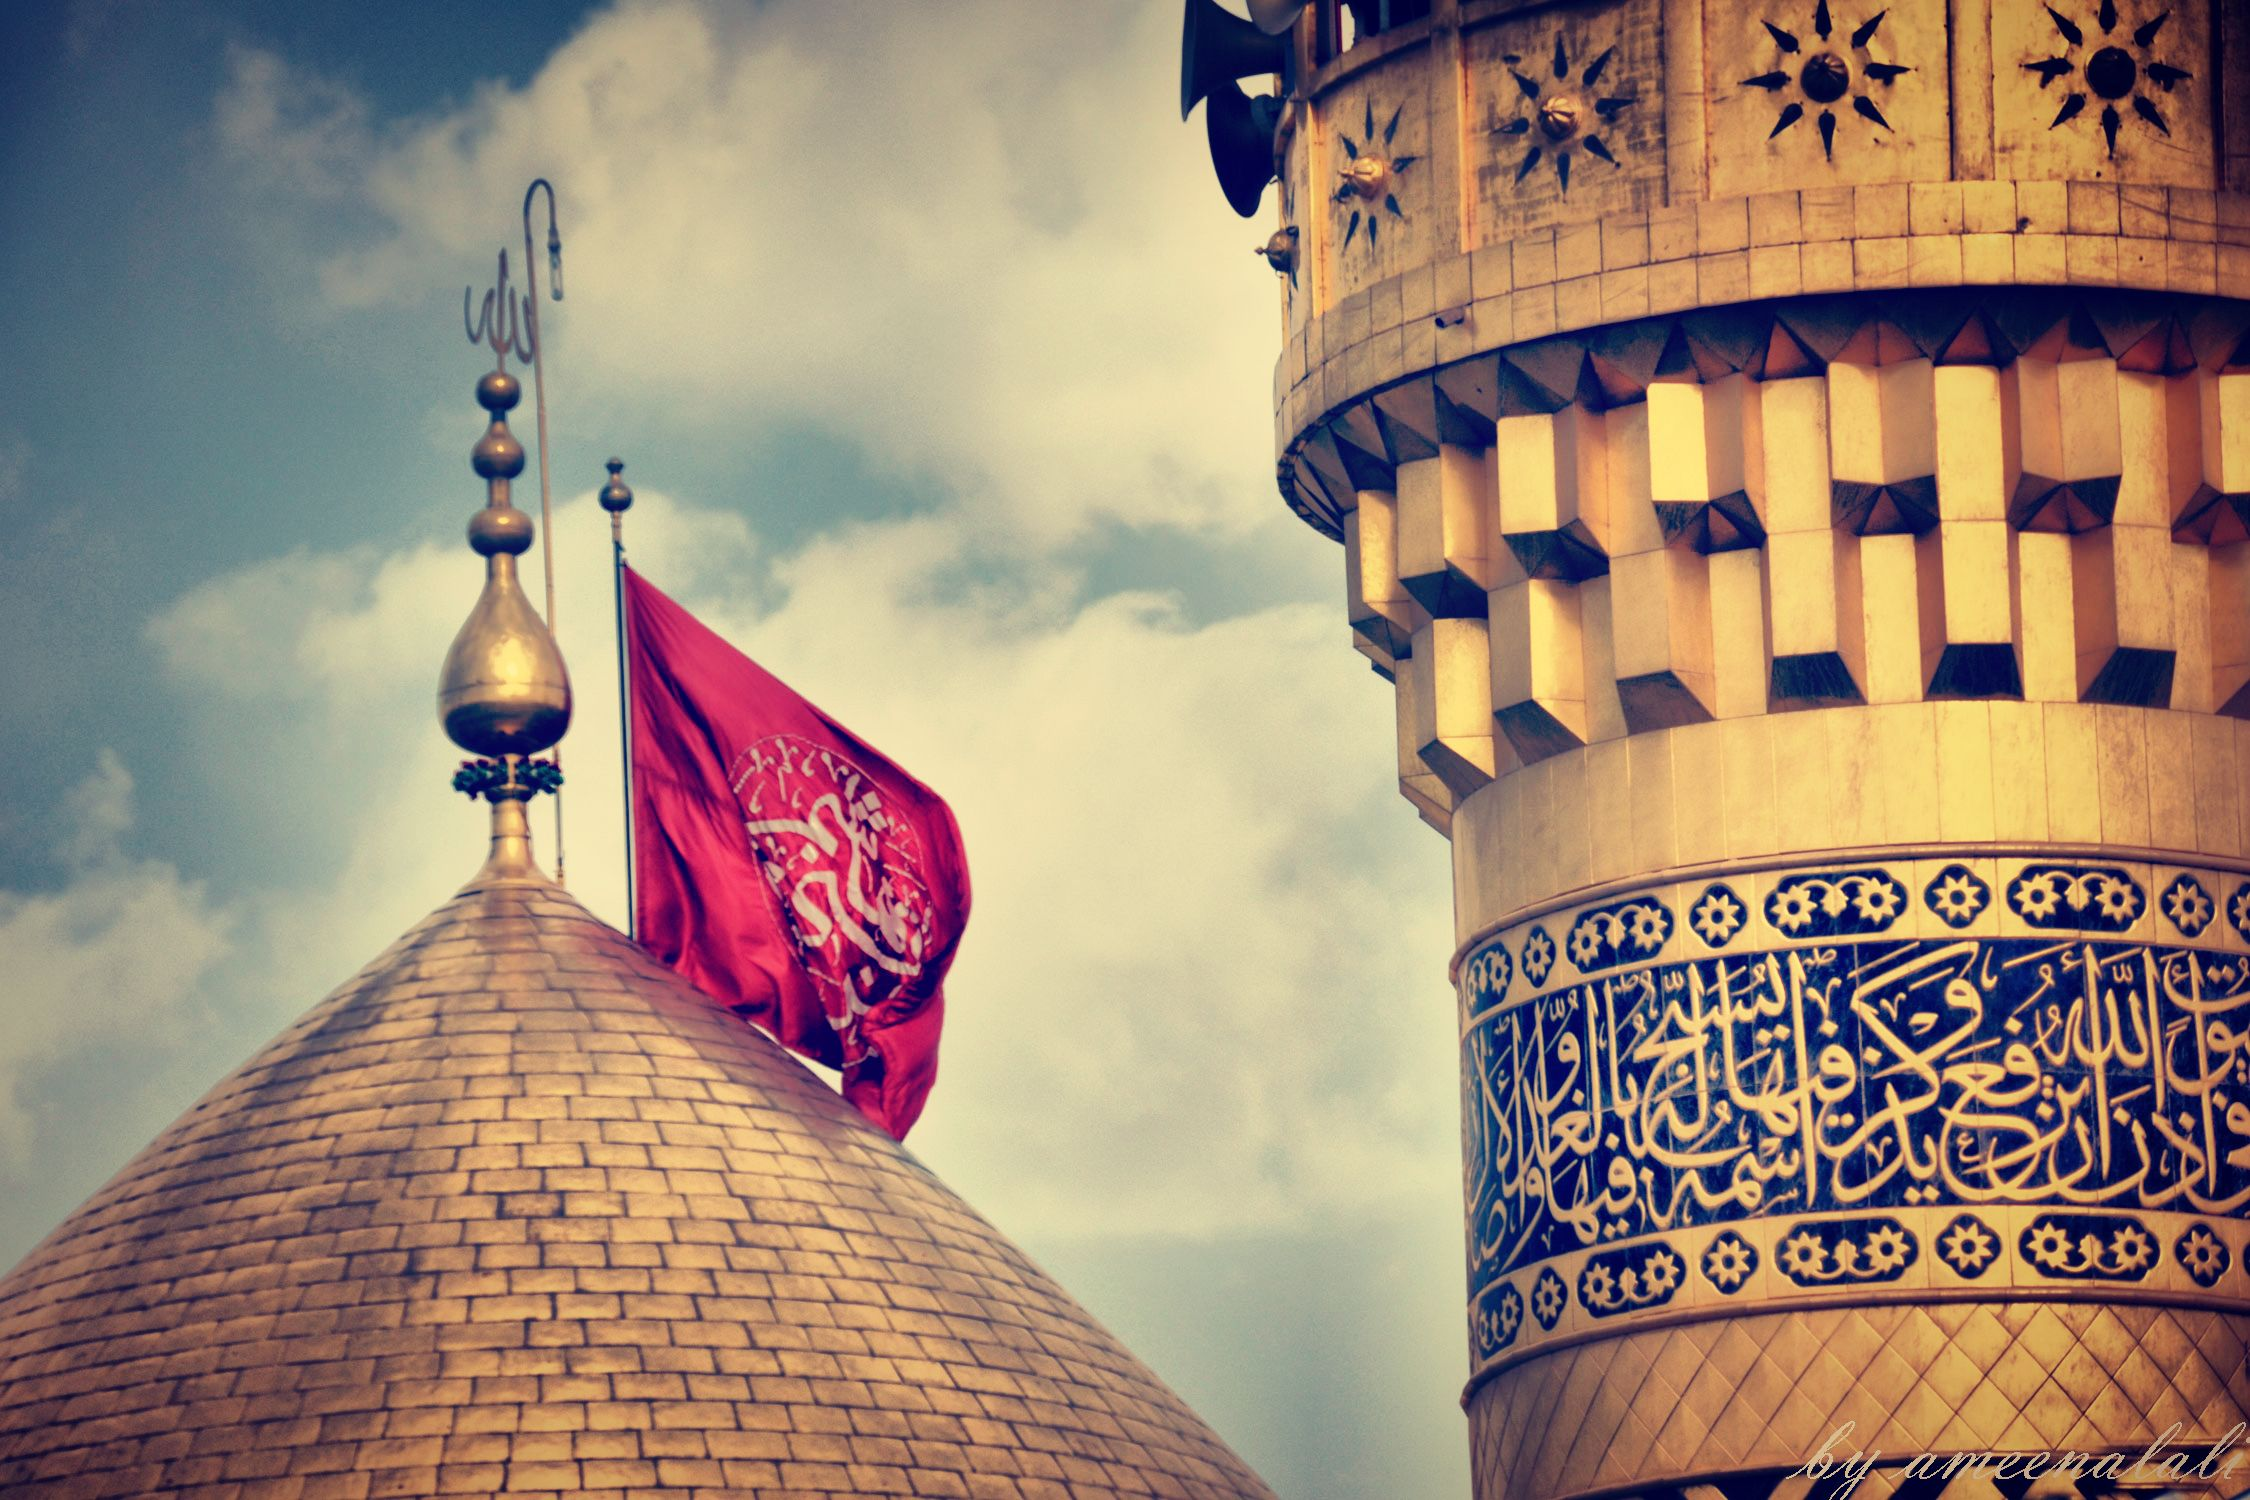 Muharram Away From Home Tmv Imam Hussain Muharram Karbala Iraq